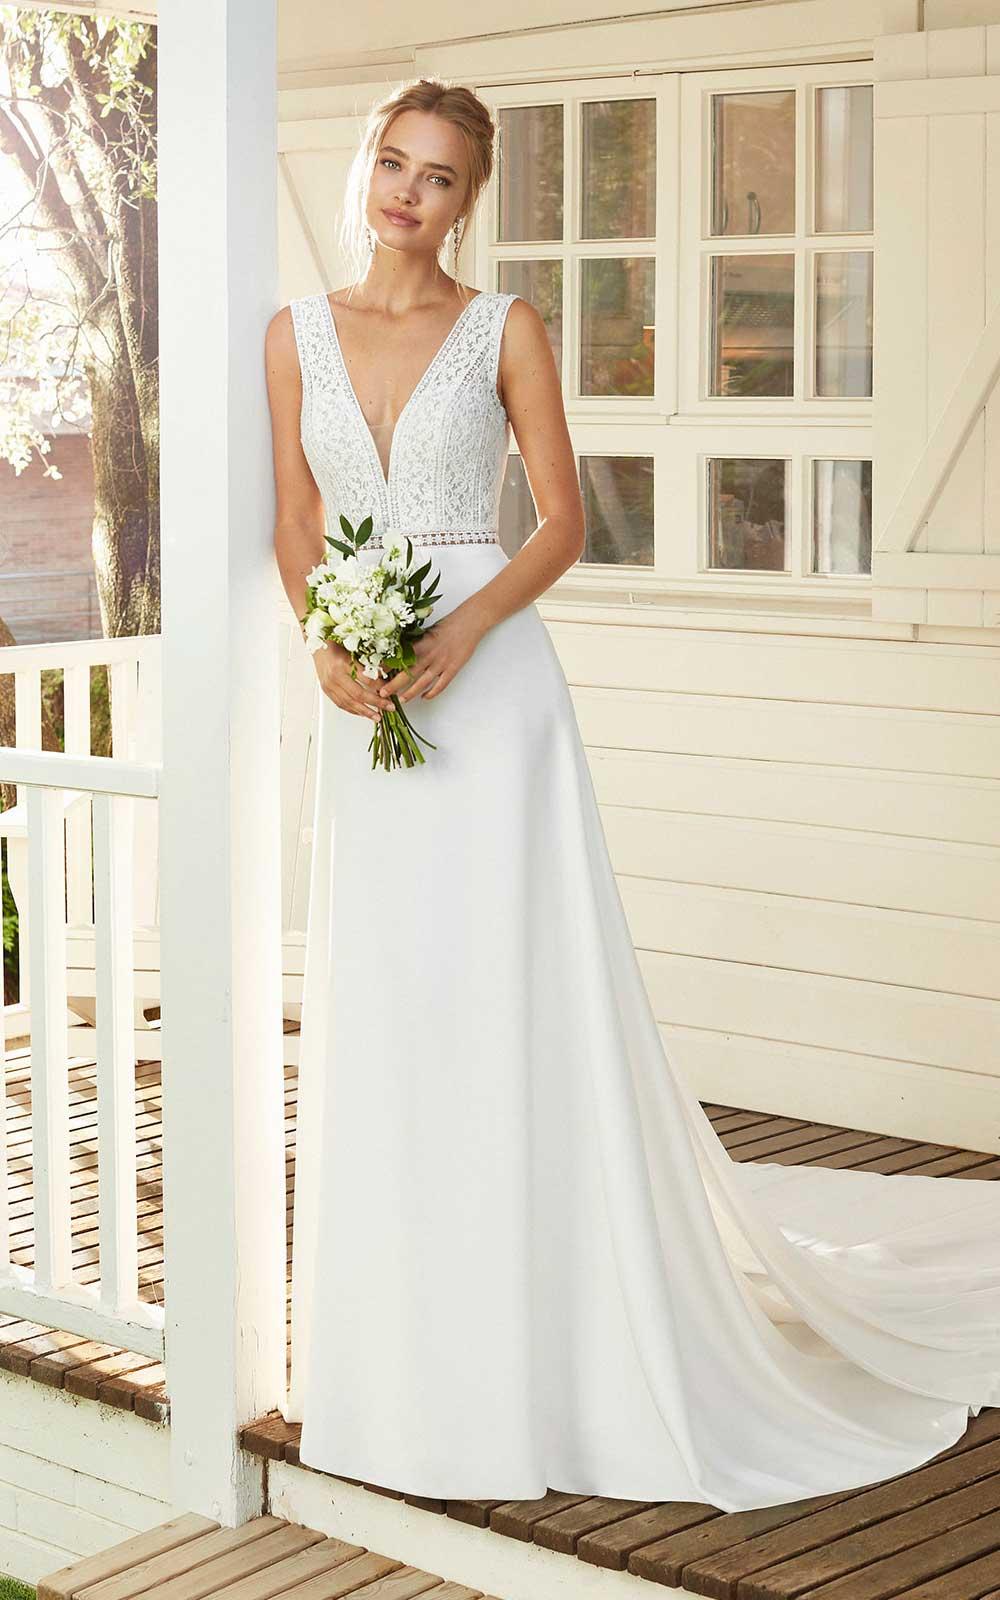 Wedding Dresses Accessories Bridal Shop Edwinstowe Iconic Bride,Cheap Wedding Dresses Plus Size